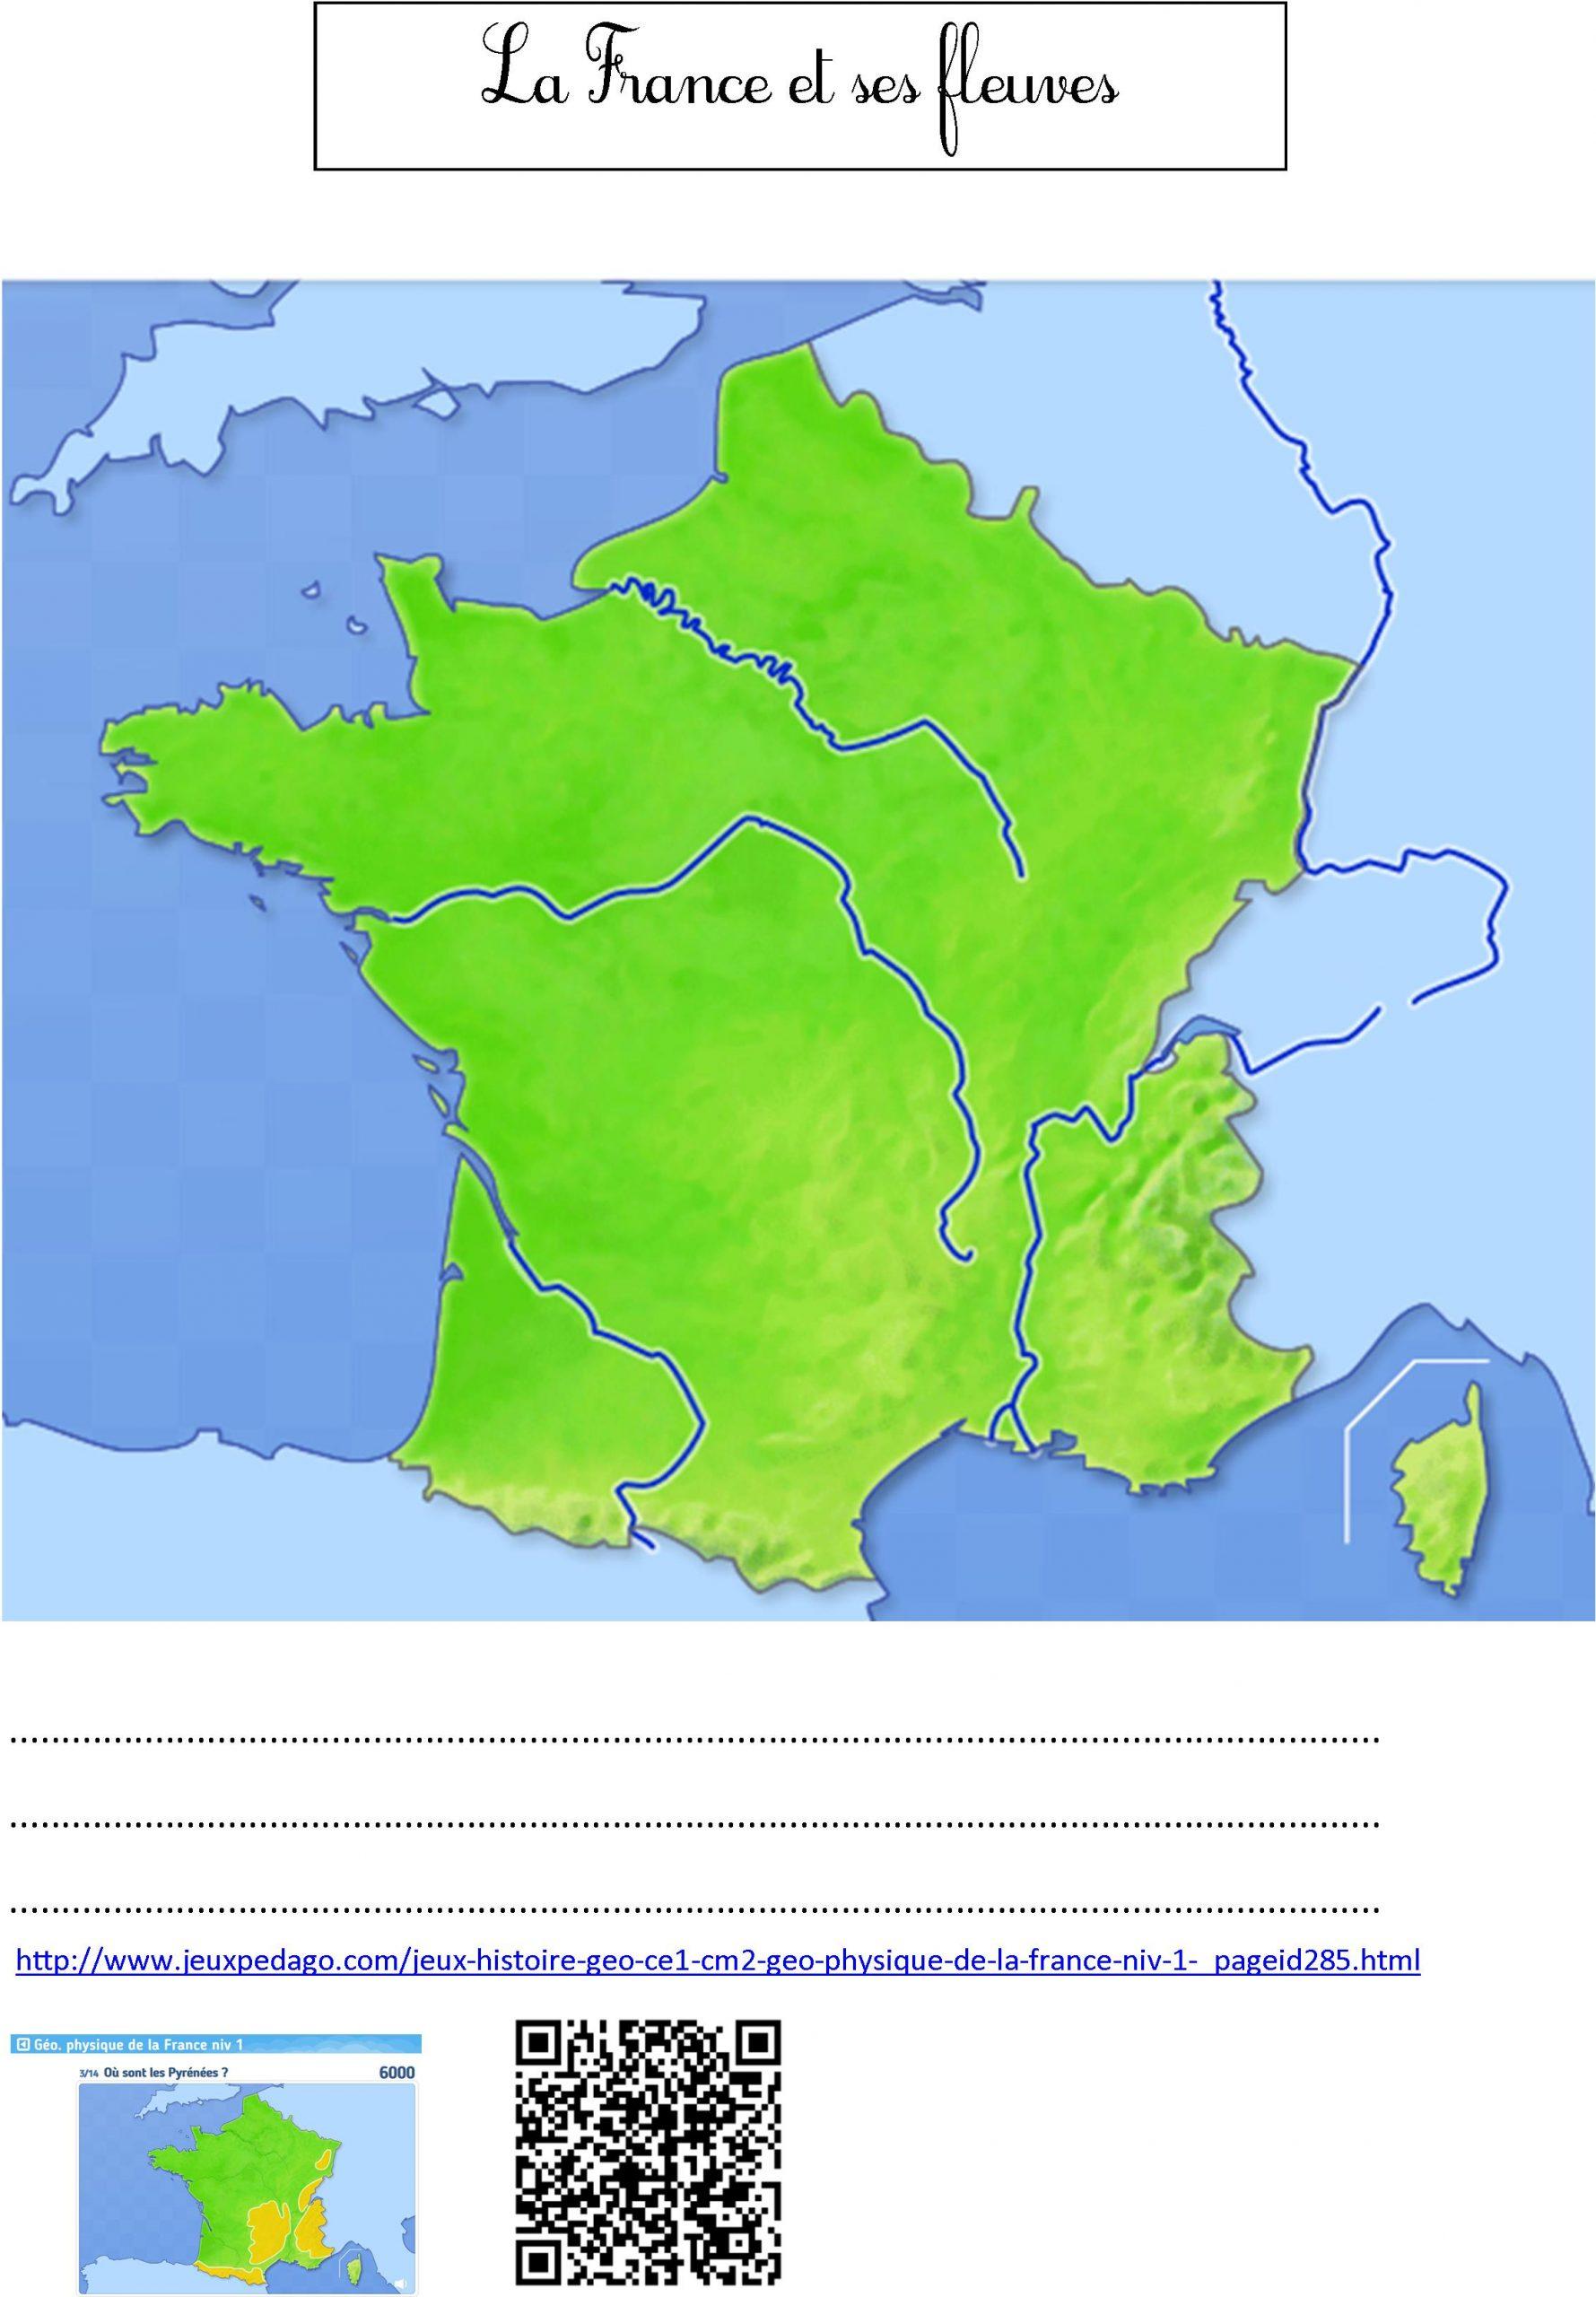 Fleuves De France | Le Blog De Monsieur Mathieu dedans Carte Des Fleuves De France